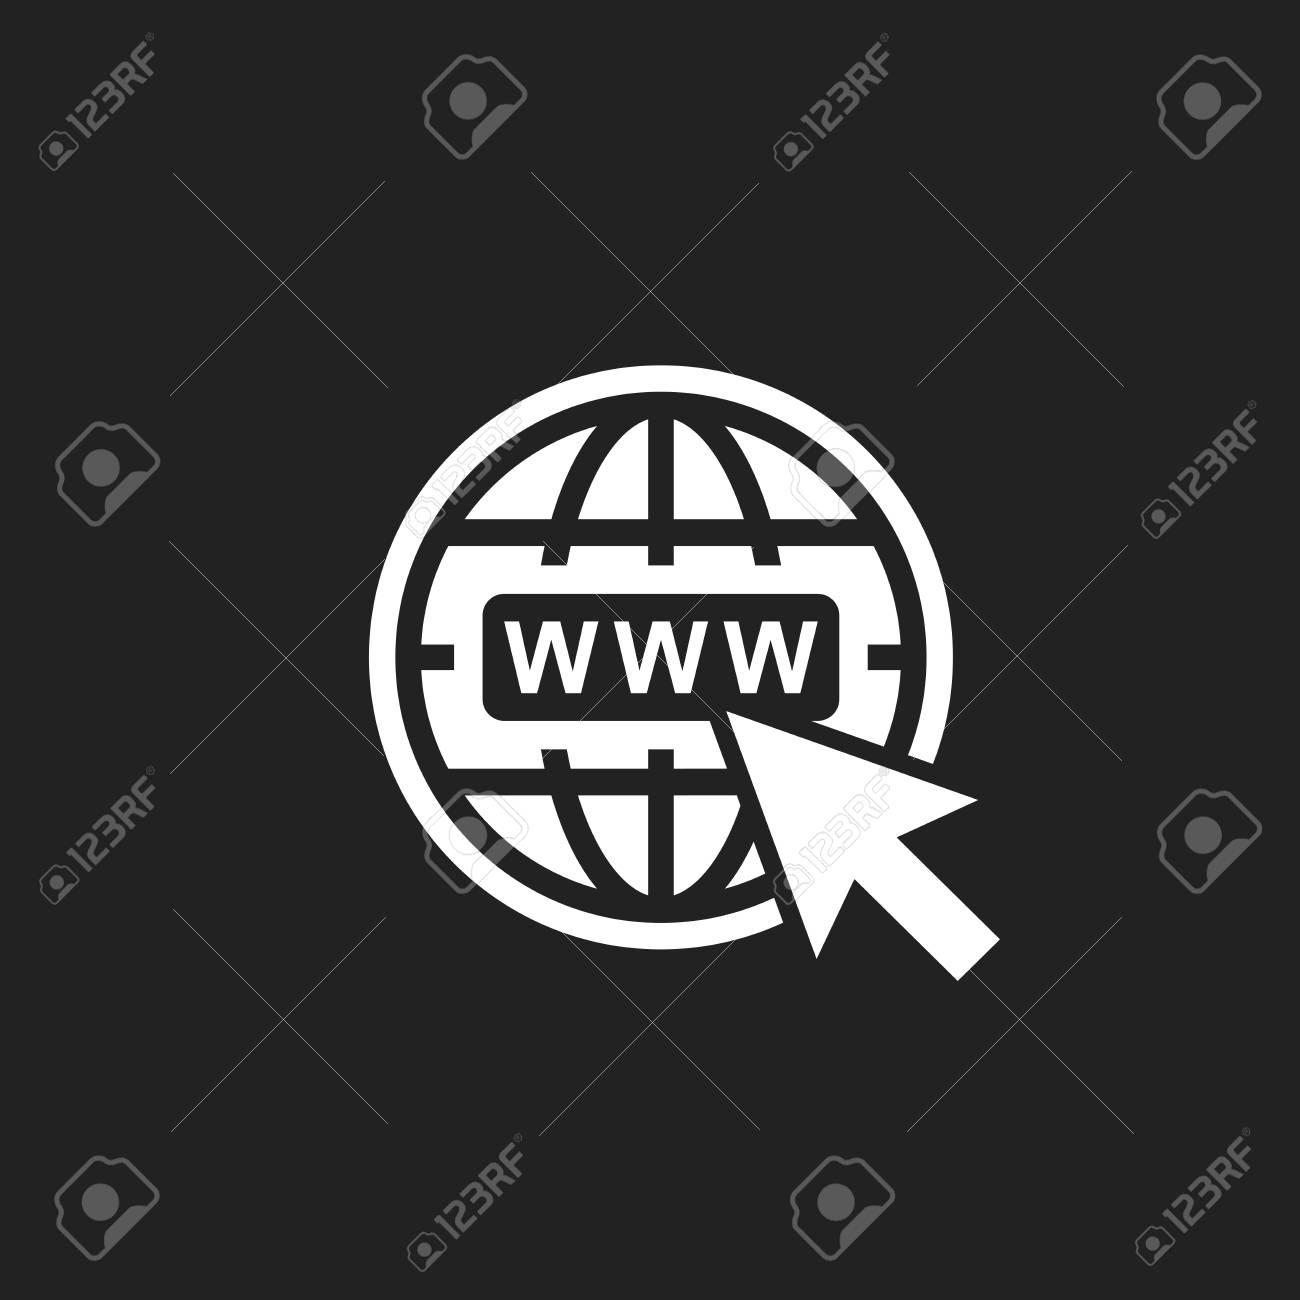 Wunderbar Symbol Wechseln Fotos - Verdrahtungsideen - korsmi.info